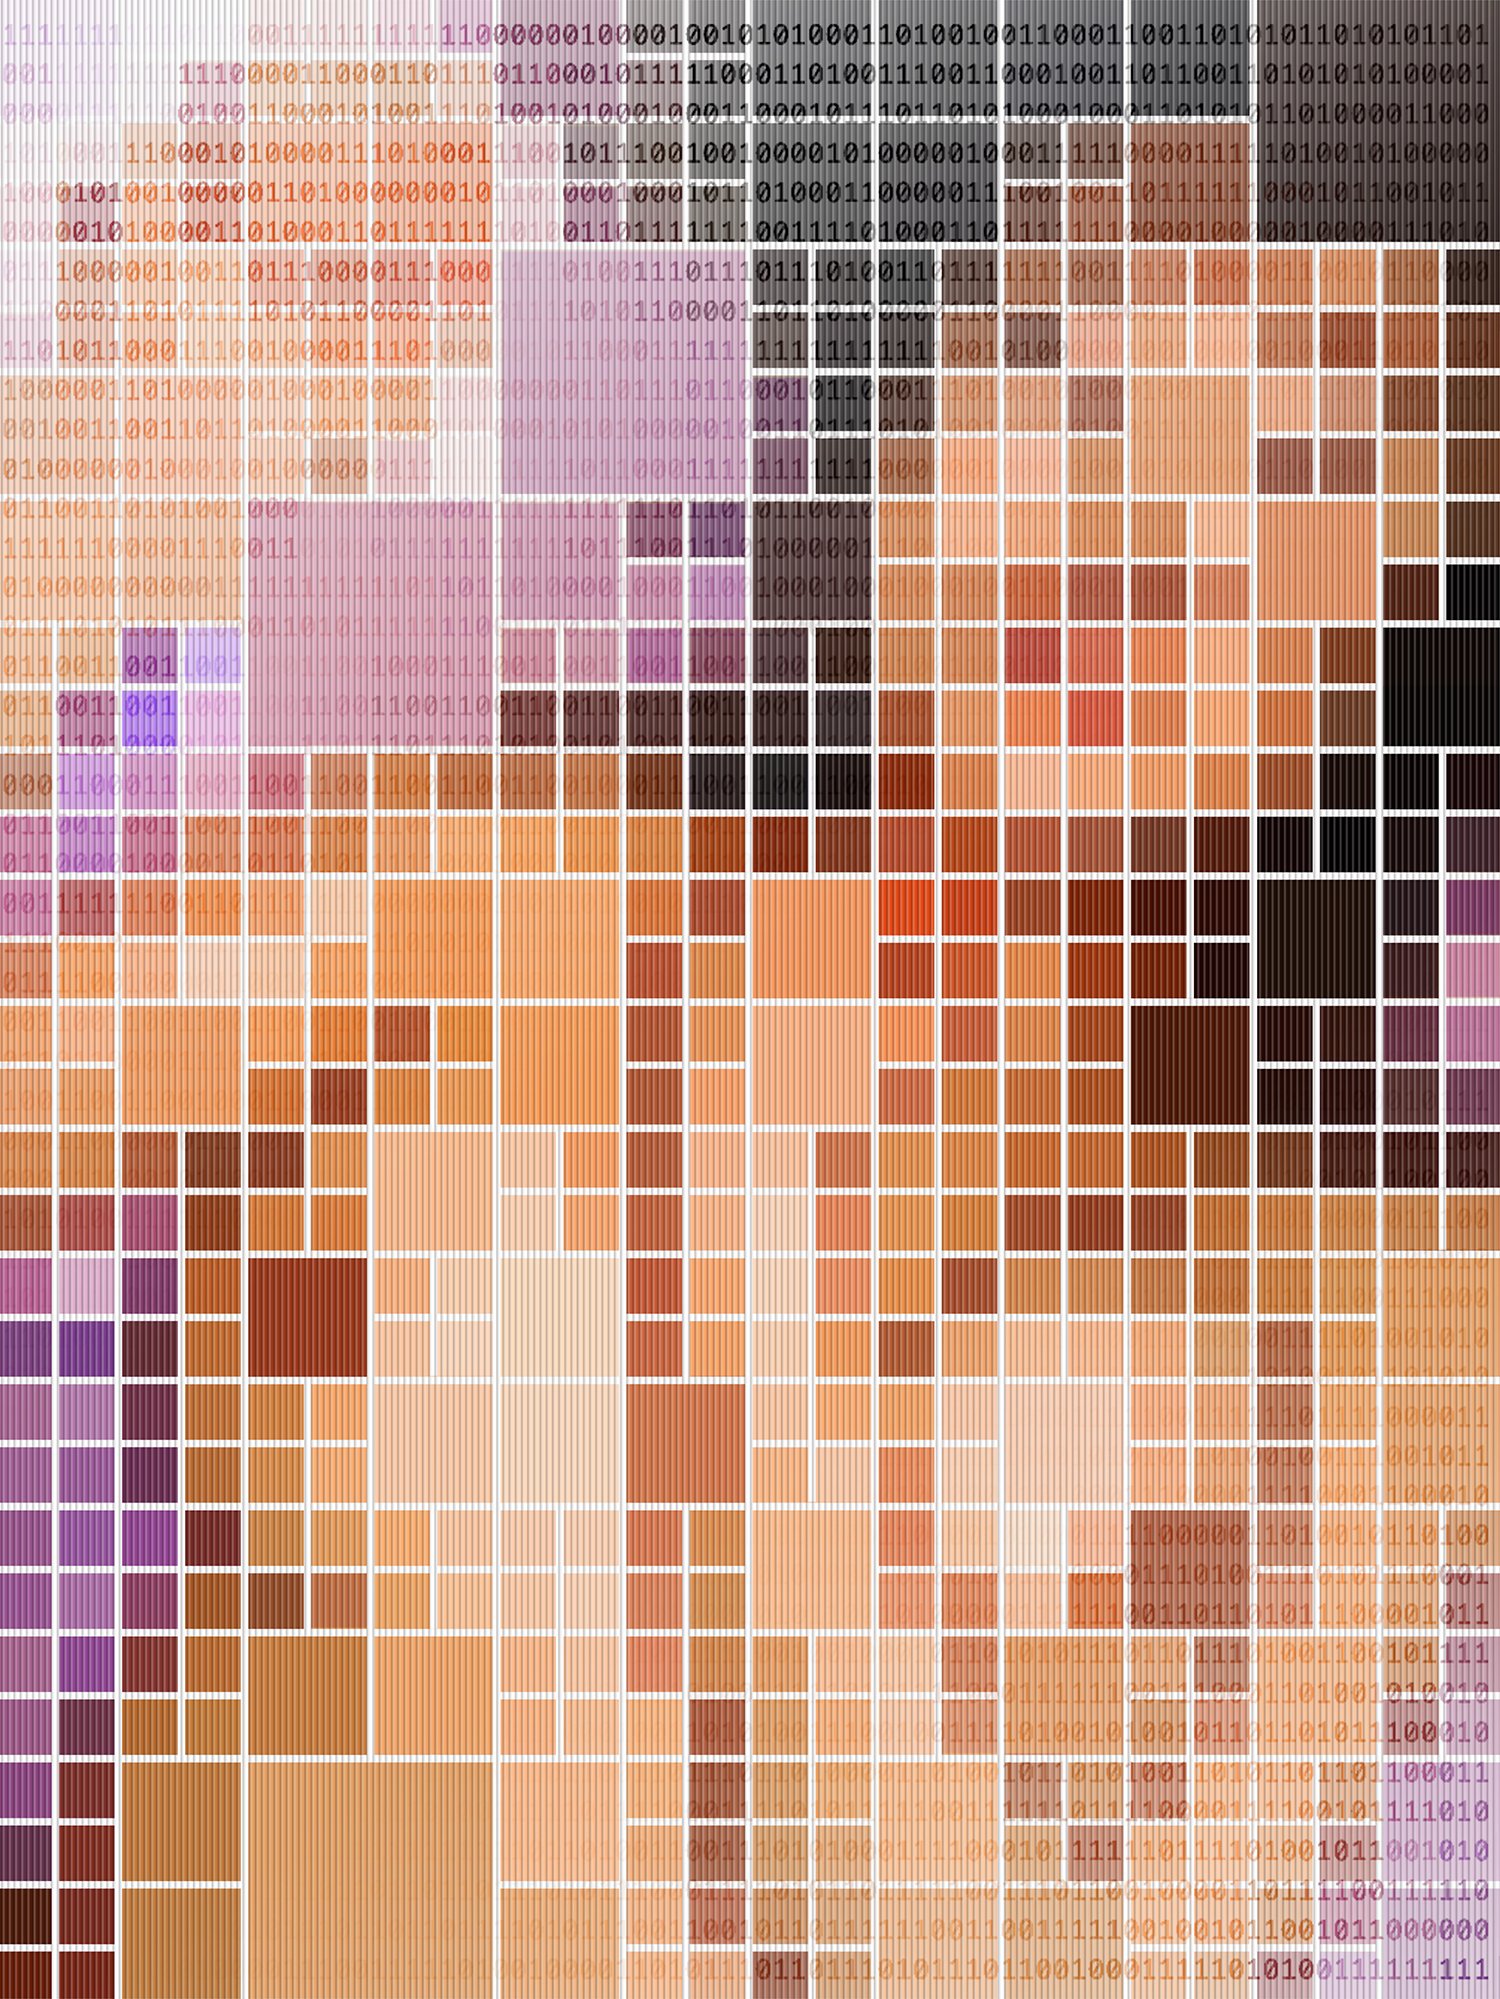 Binary Nudes (2005/2008)